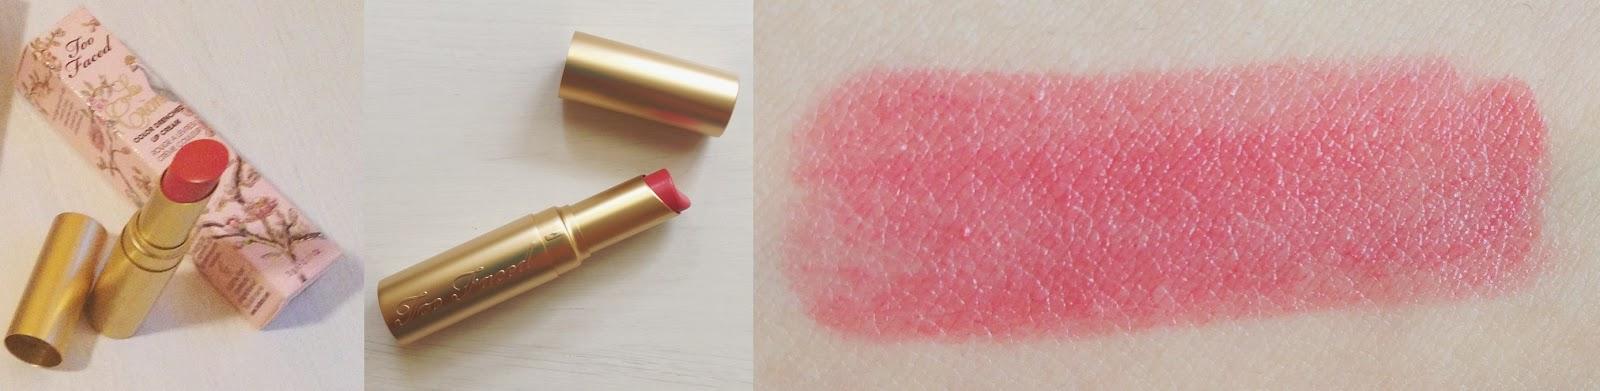 Violeta Botánica: Too Faced La Crème lipstick Coral Fire